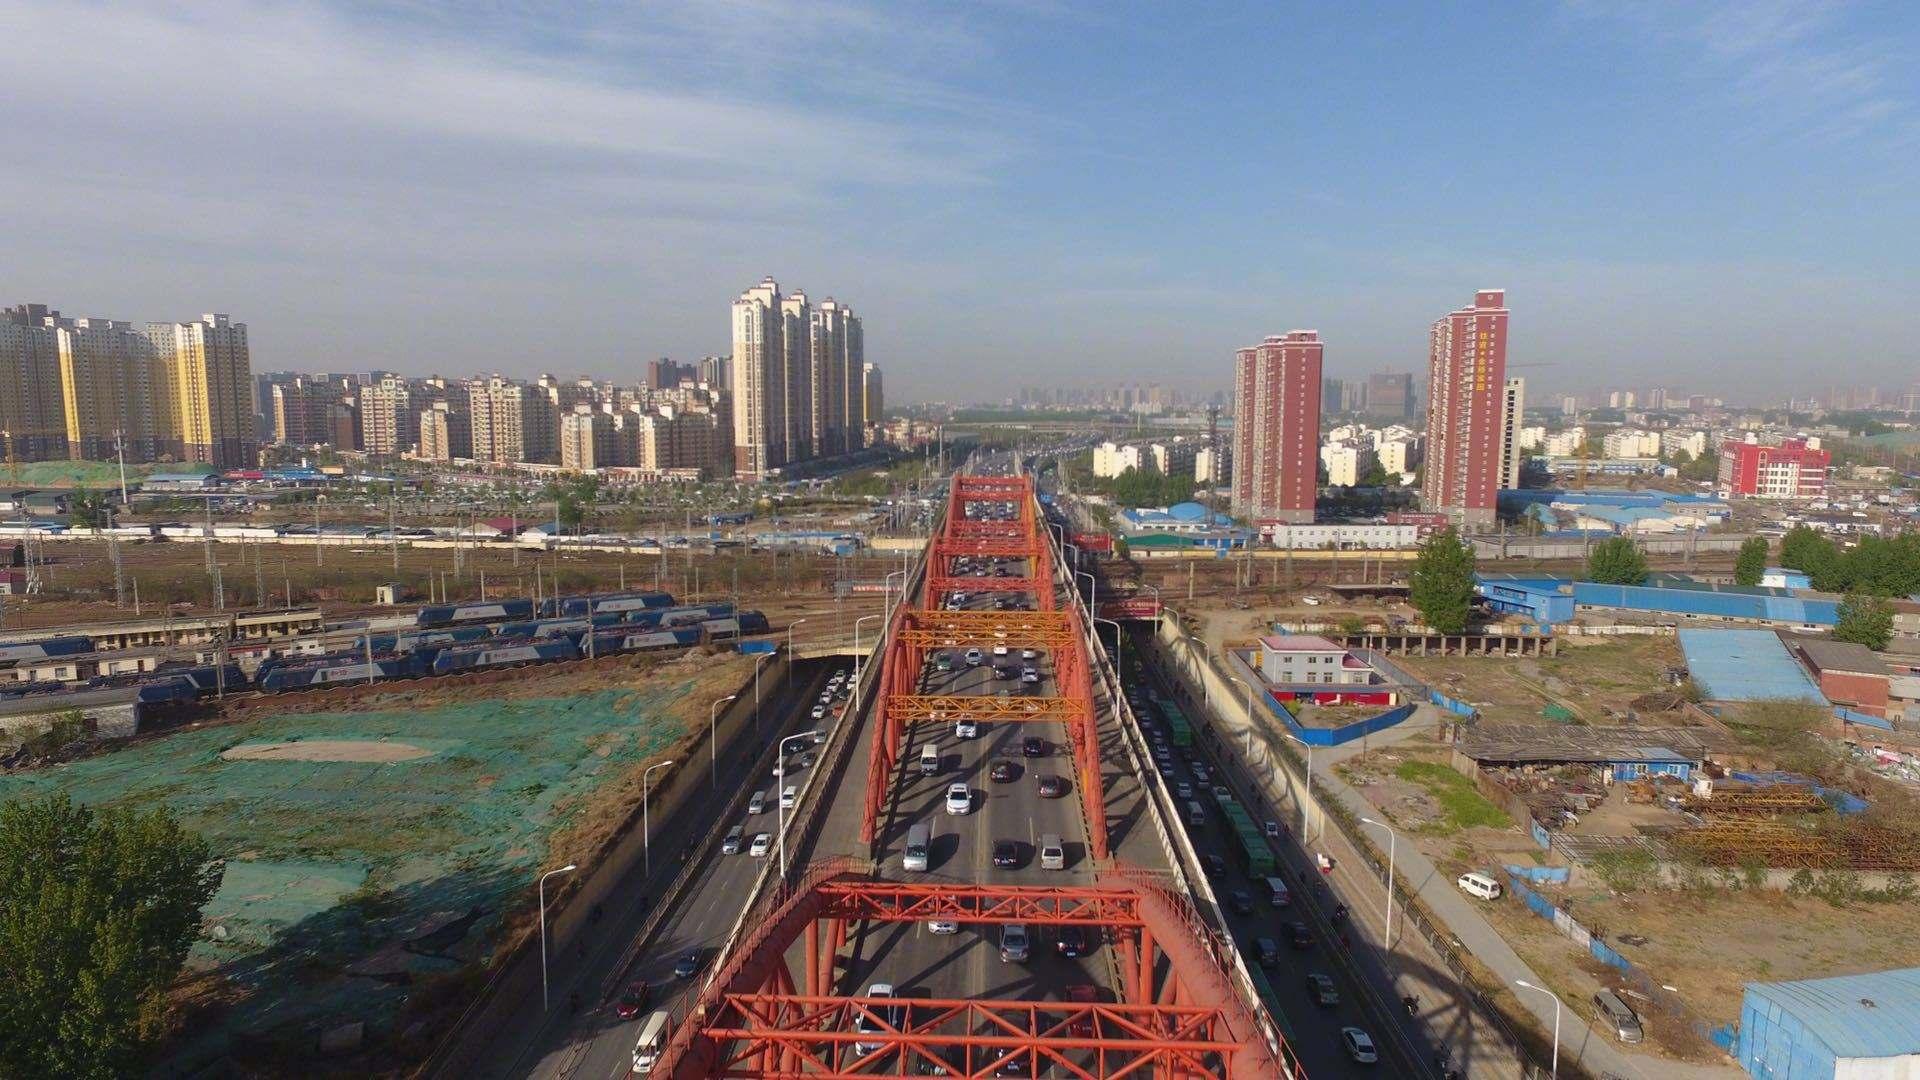 郑州北三环彩虹桥10月26日封闭 禁止一切车辆行人通行